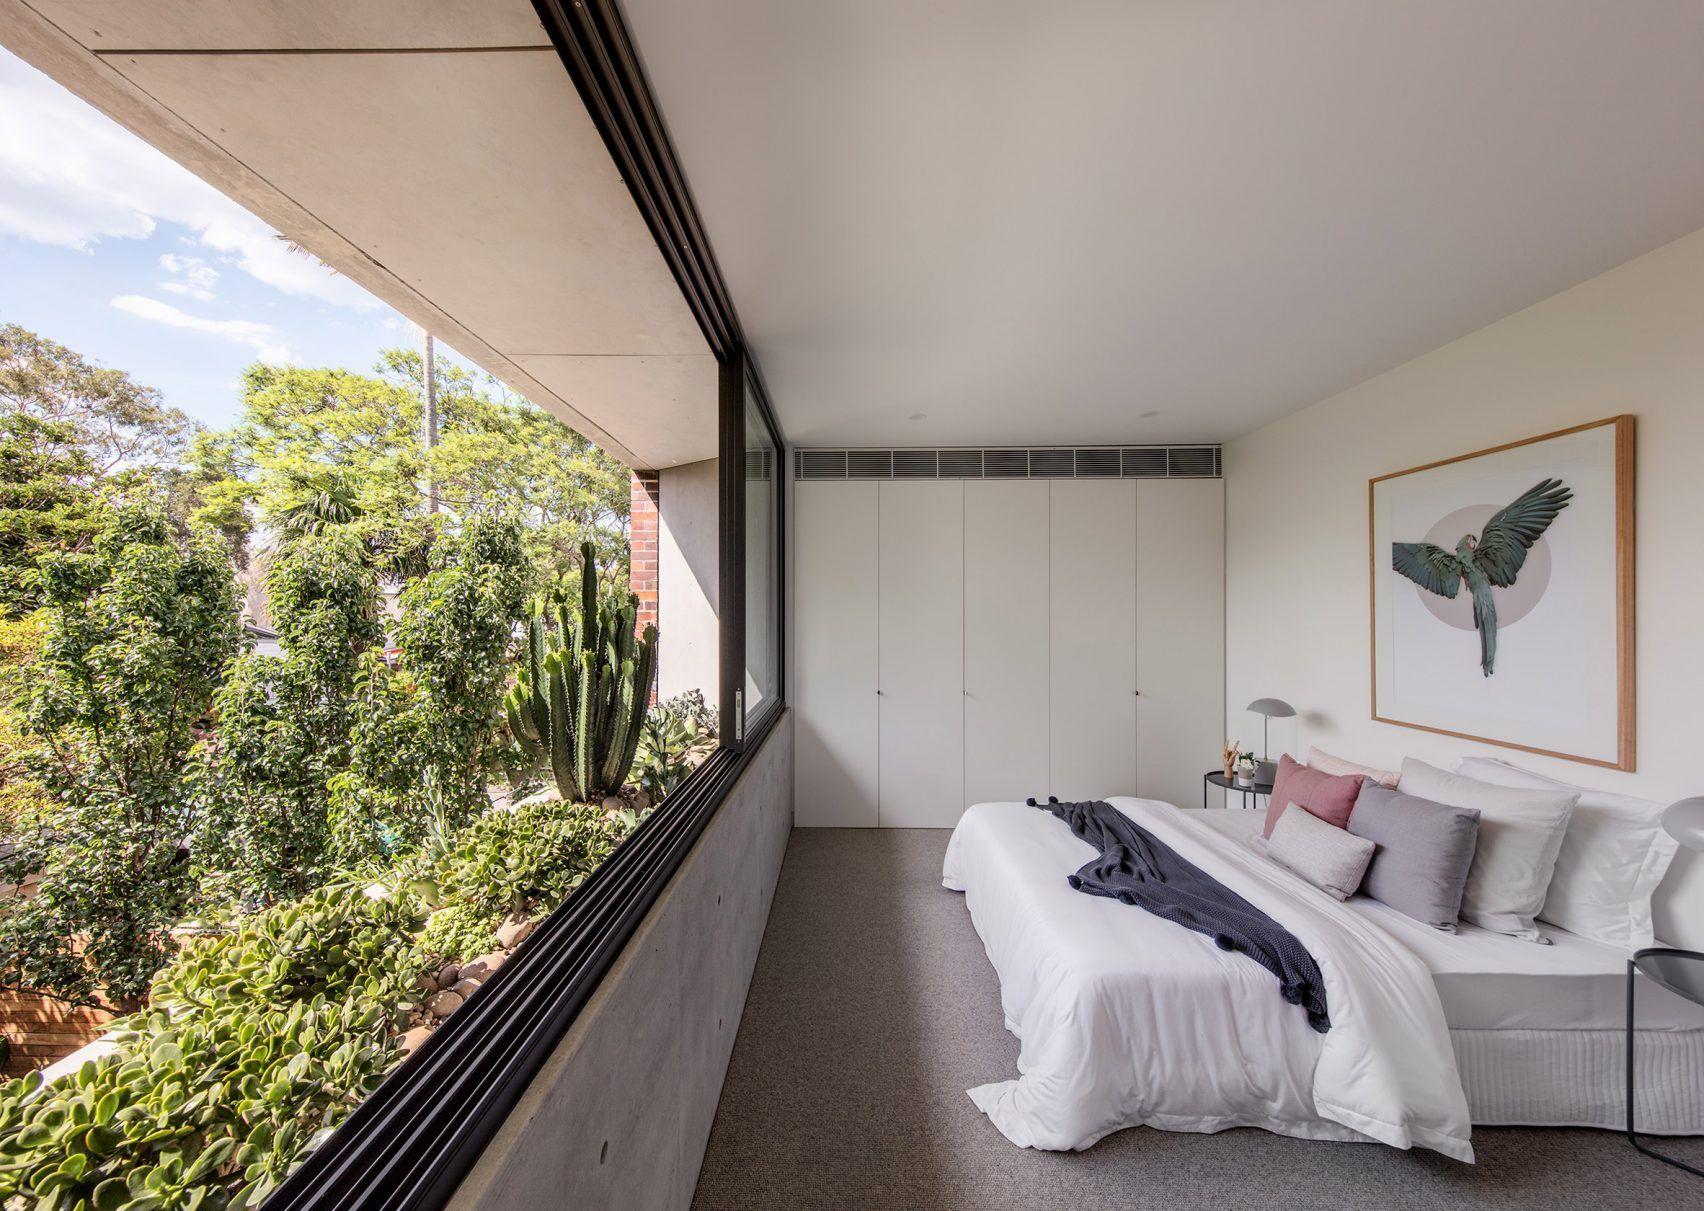 Único Cocina Y Baño De Remodelación Melbourne Fl Ideas - Ideas de ...